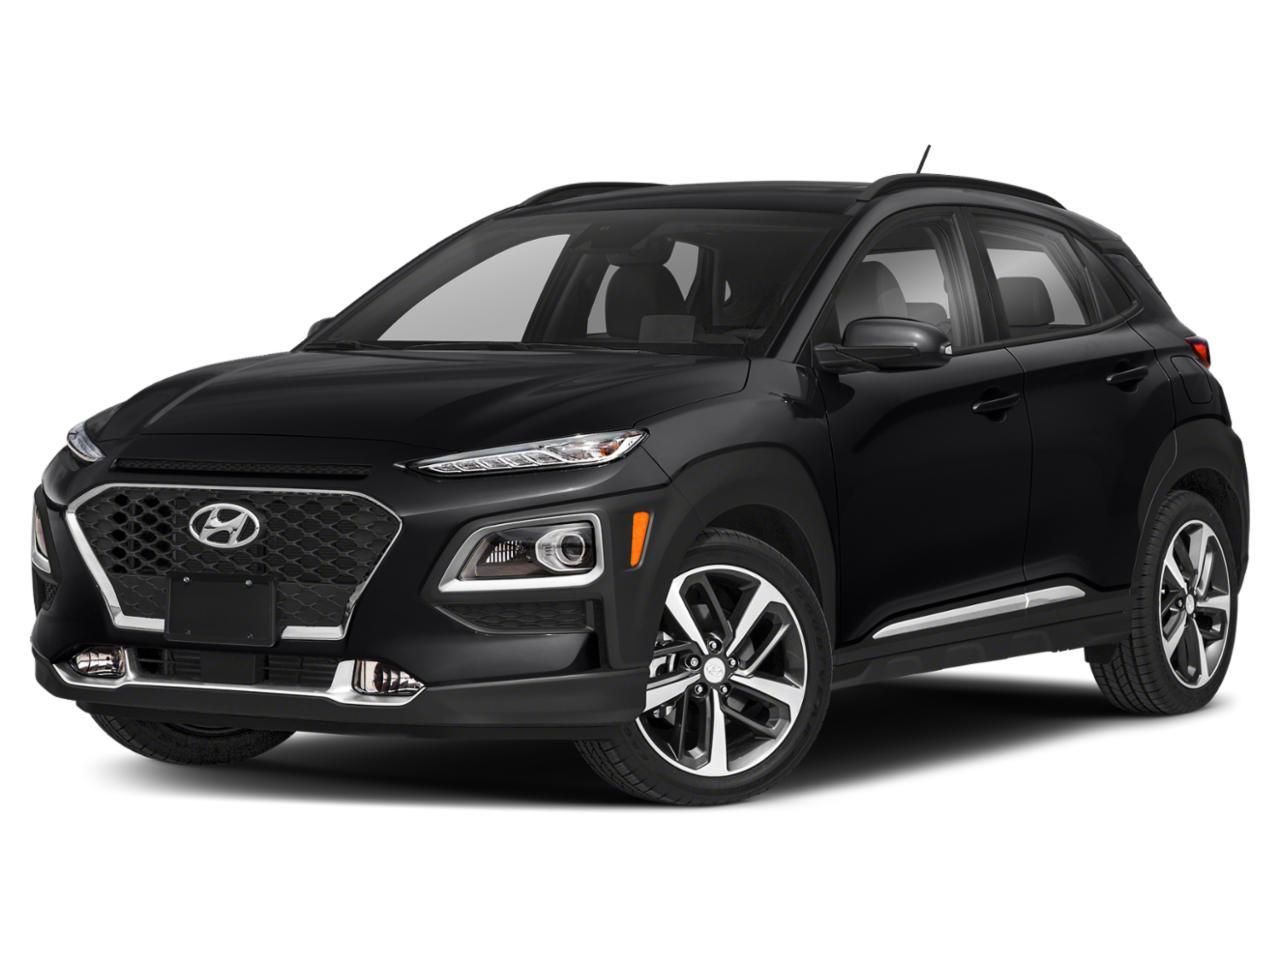 2021 Hyundai Kona Vehicle Photo in Peoria, IL 61615